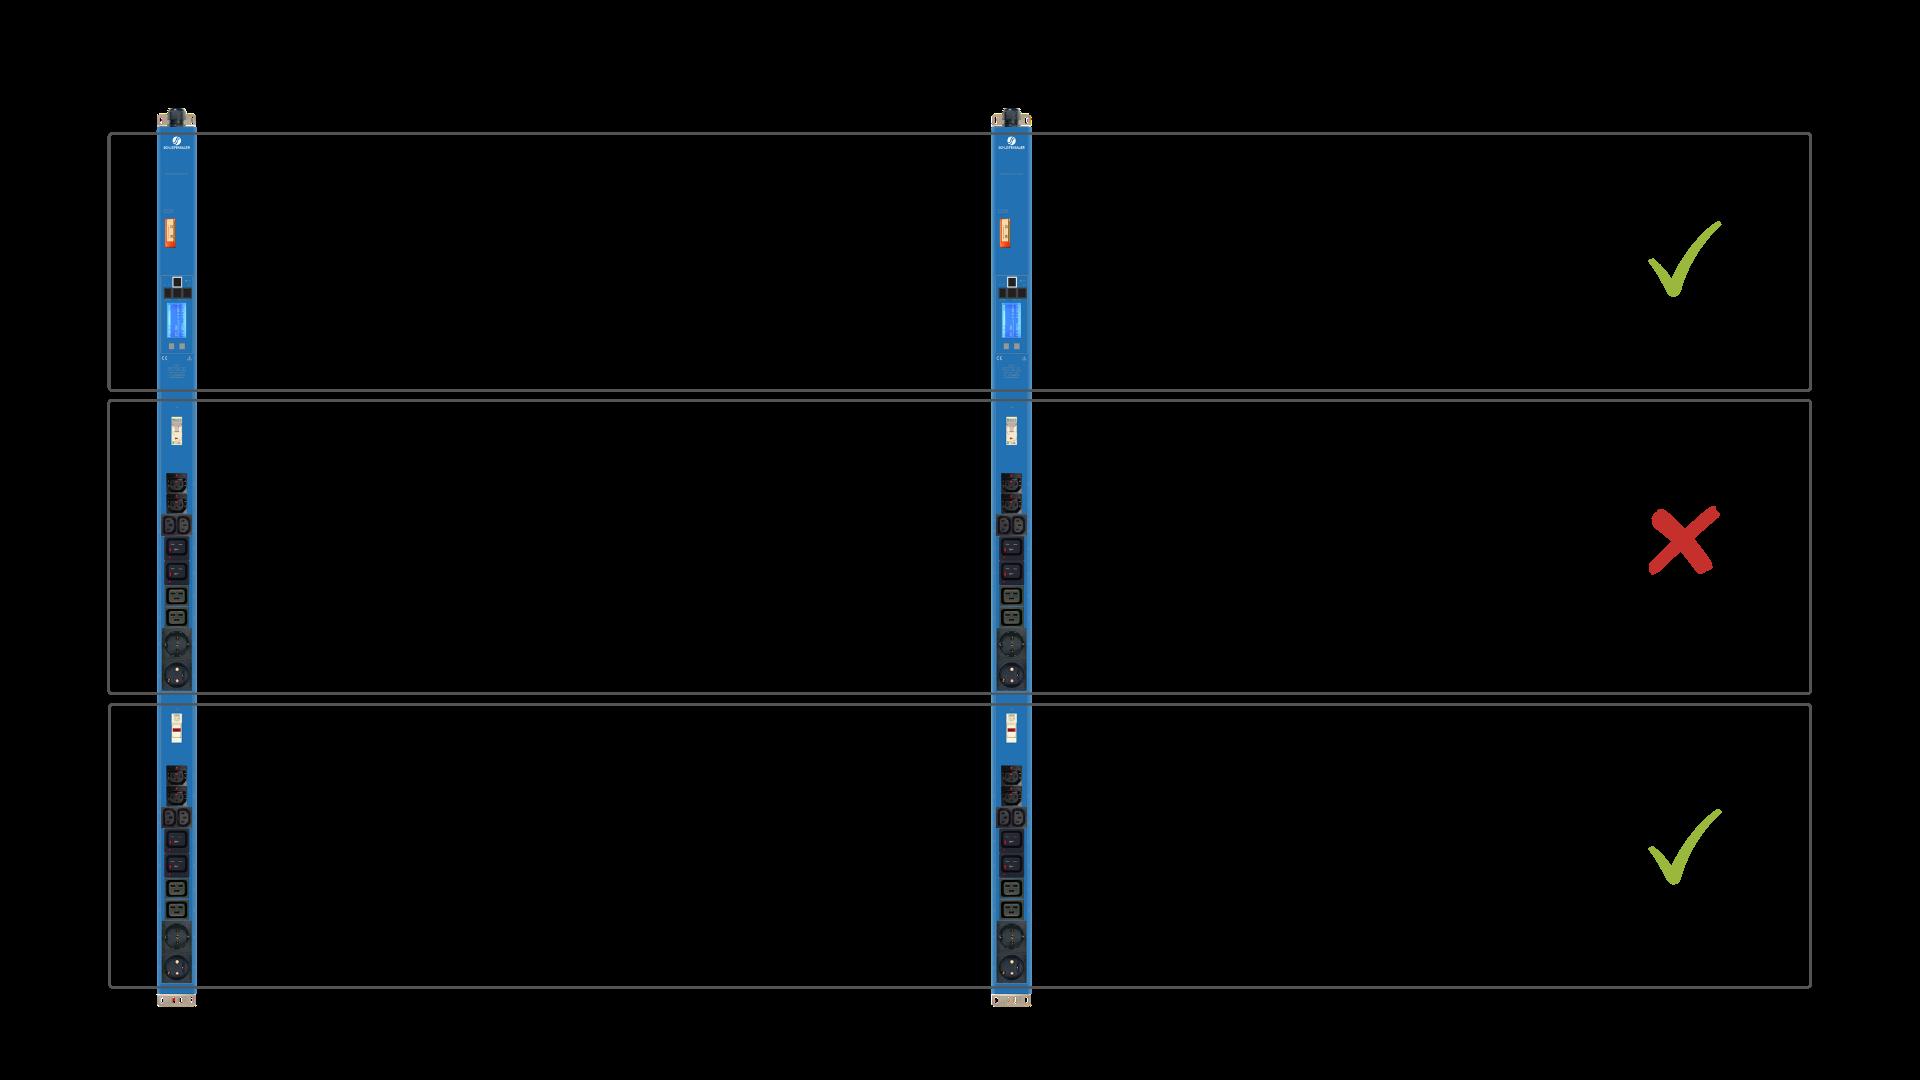 Laptop with analytics